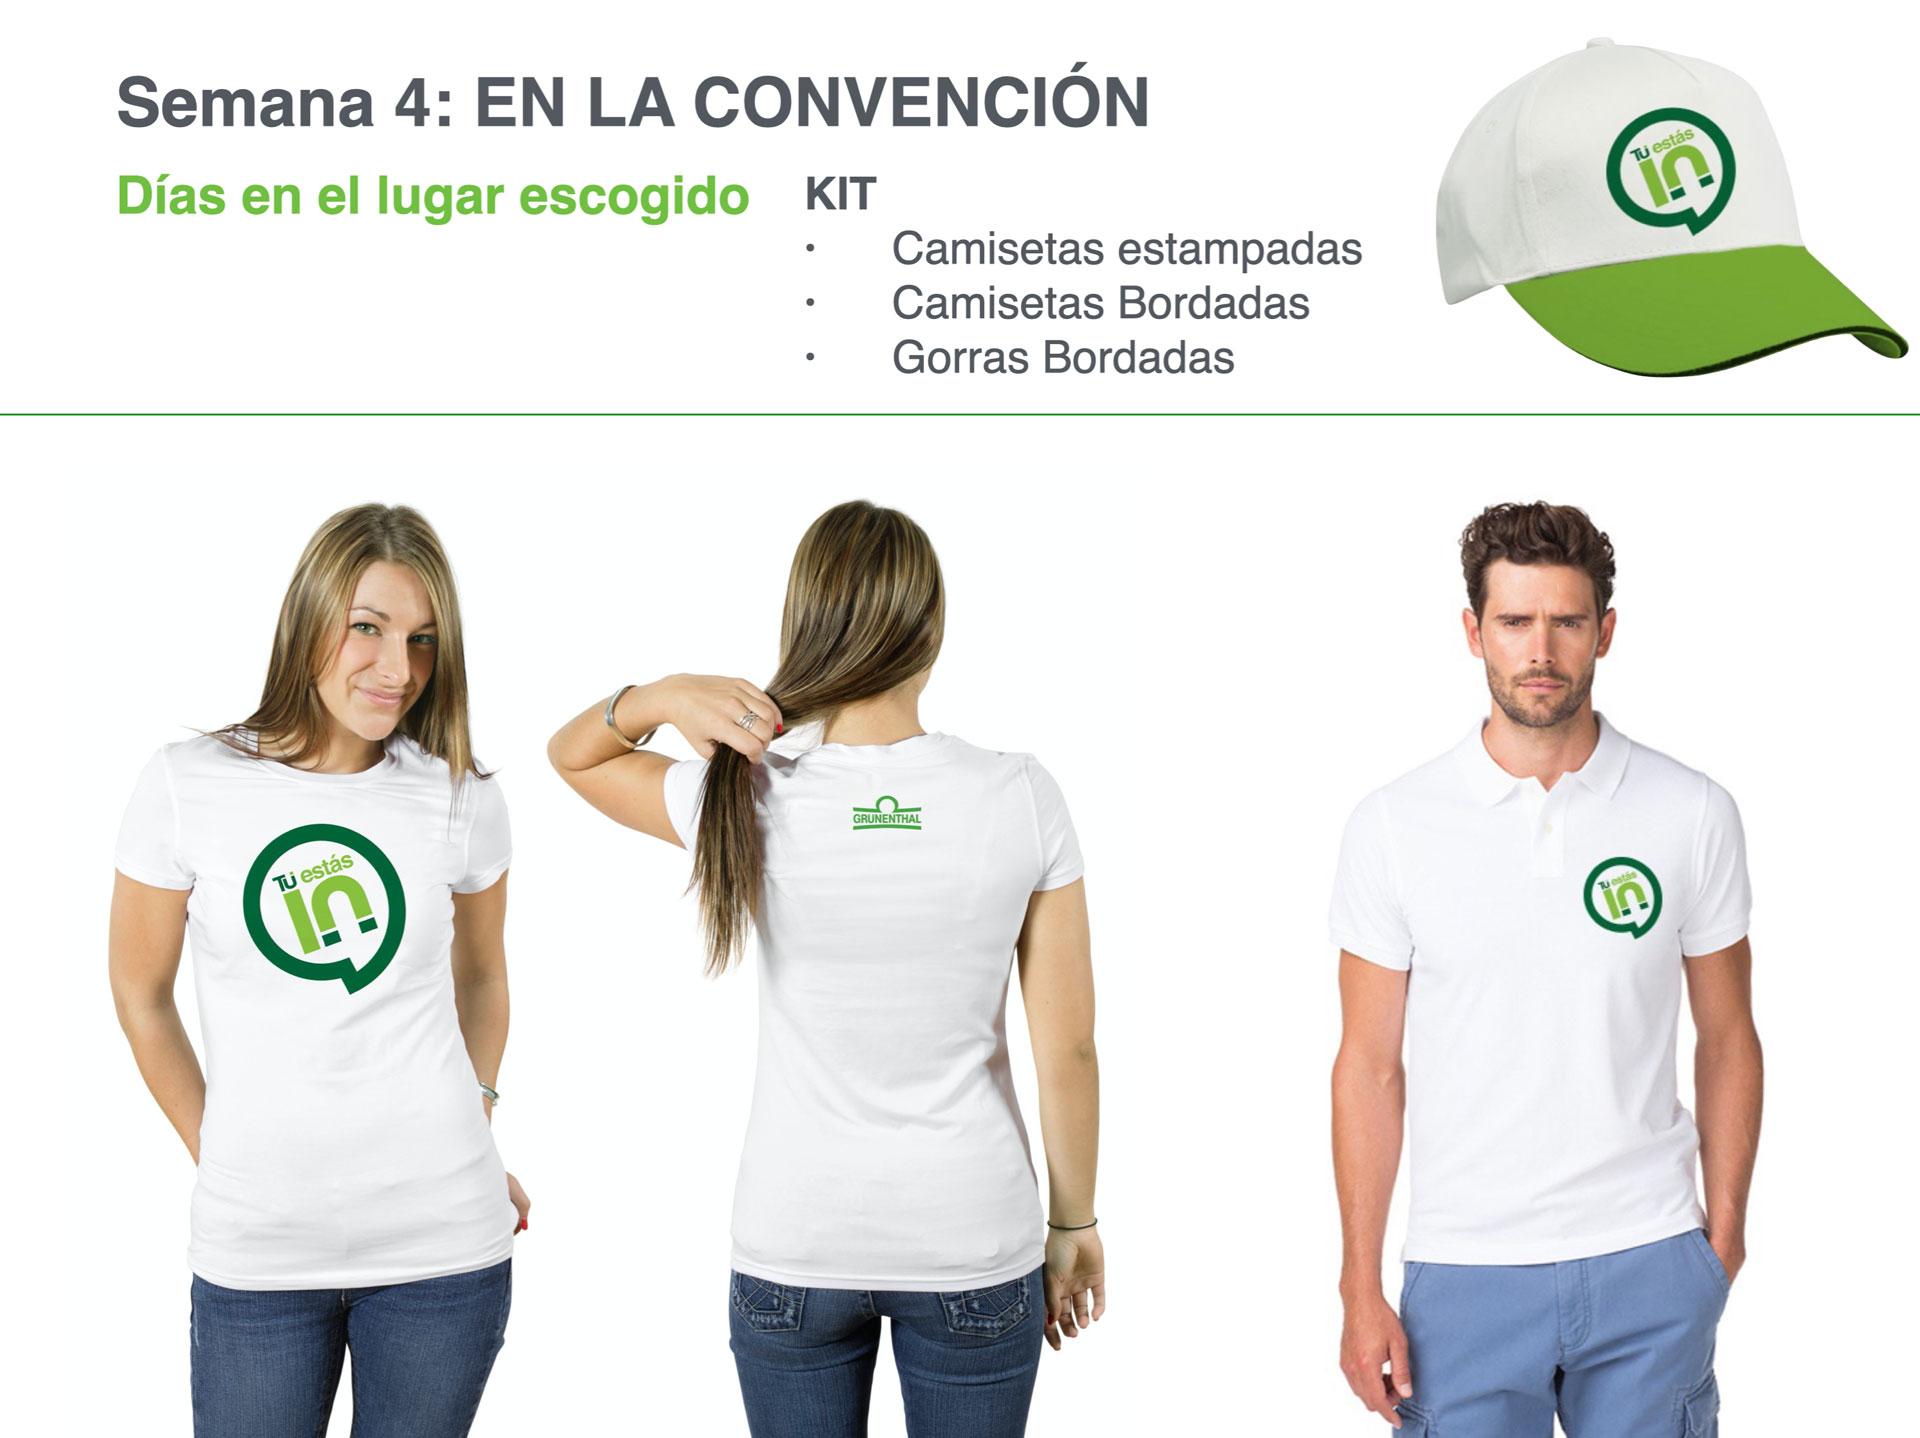 Concepto Creativo y Gráfico Campaña Convención Grünenthal